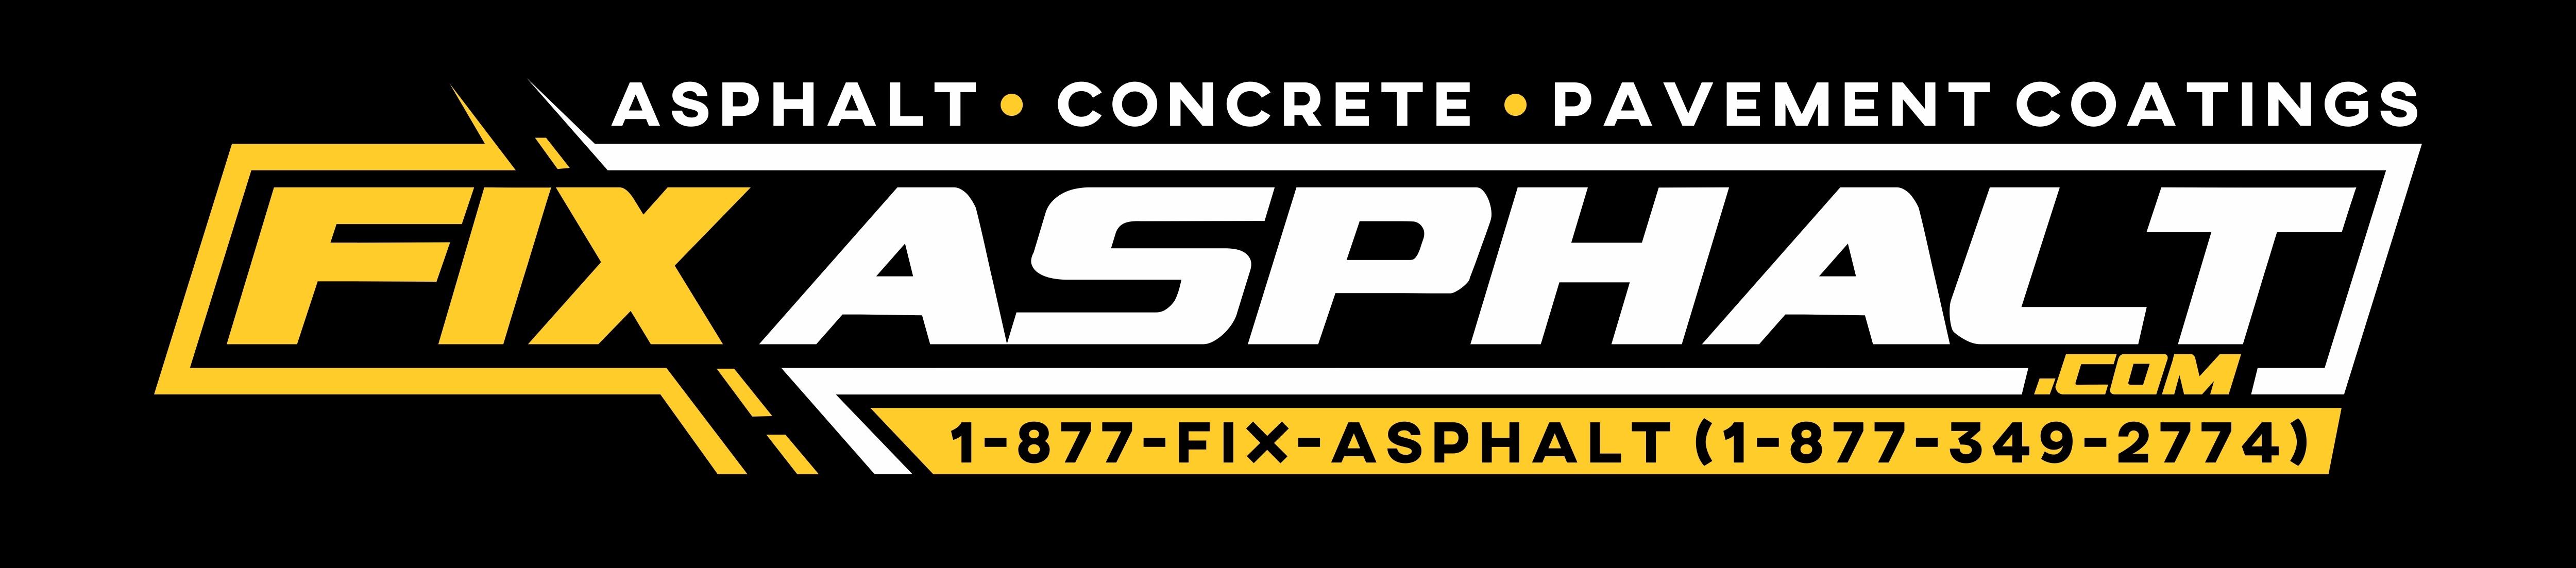 FIX ASPHALT logo-1